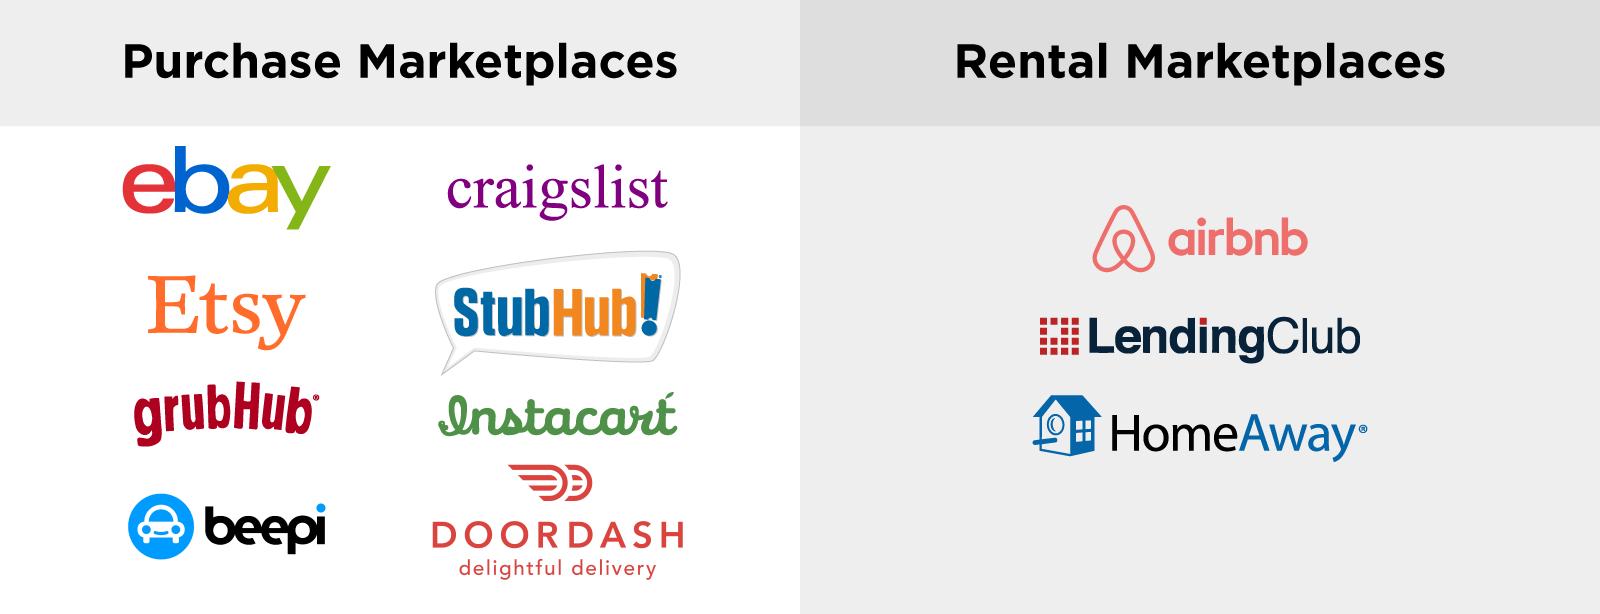 purchase-vs-rental